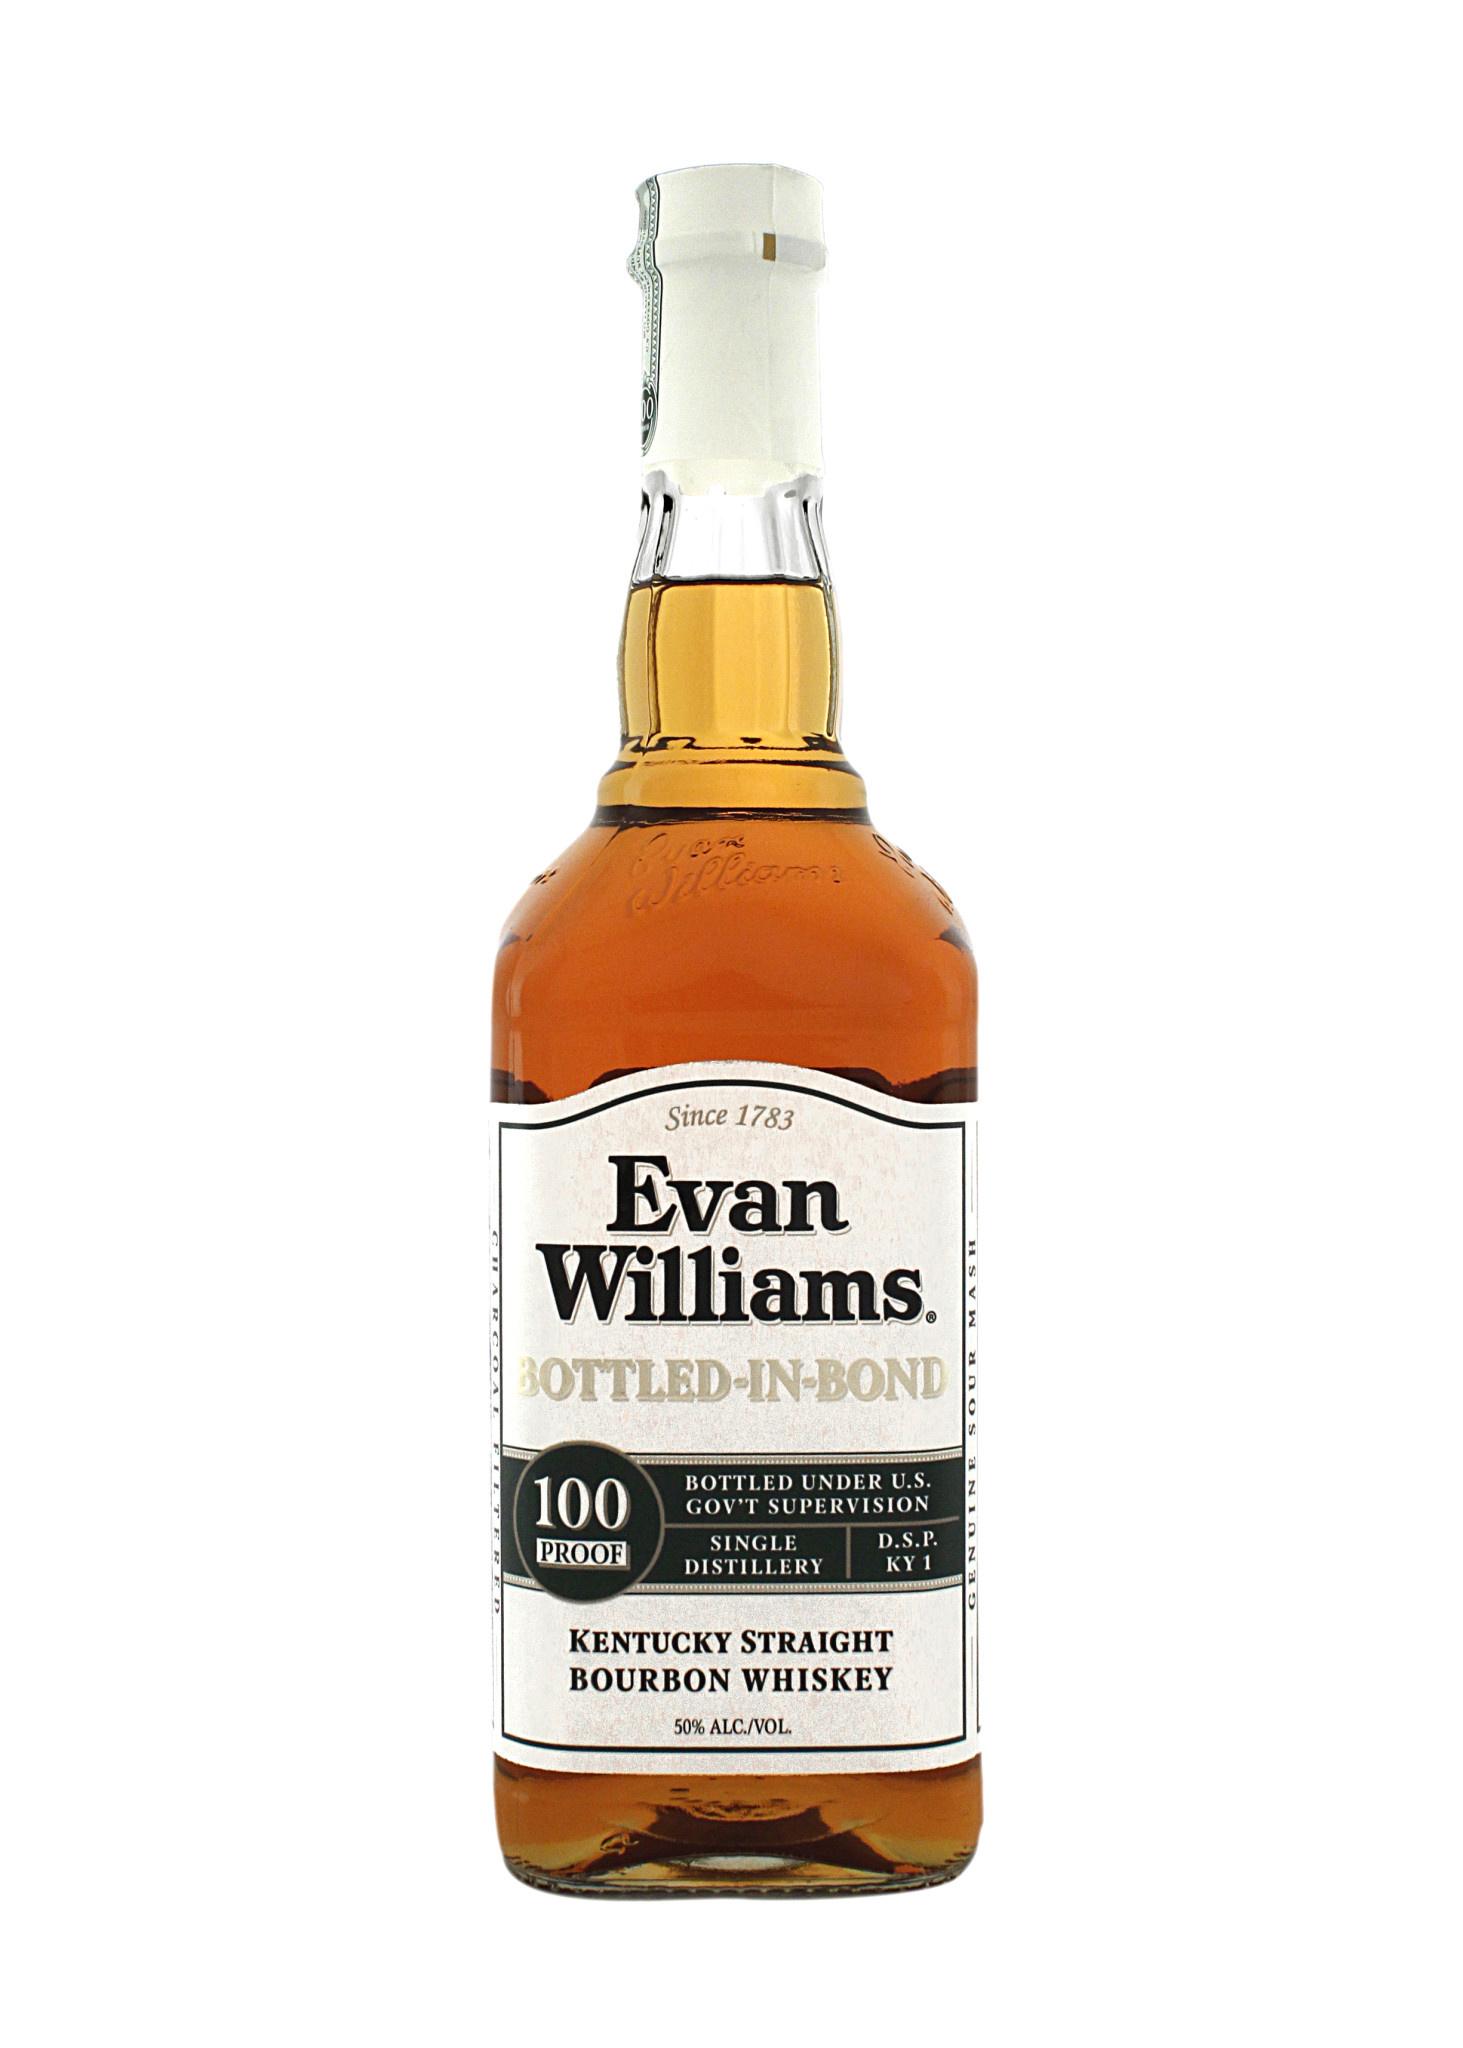 Evan Williams Kentucky Straight Bourbon Whiskey - Bottled in Bond 100 proof